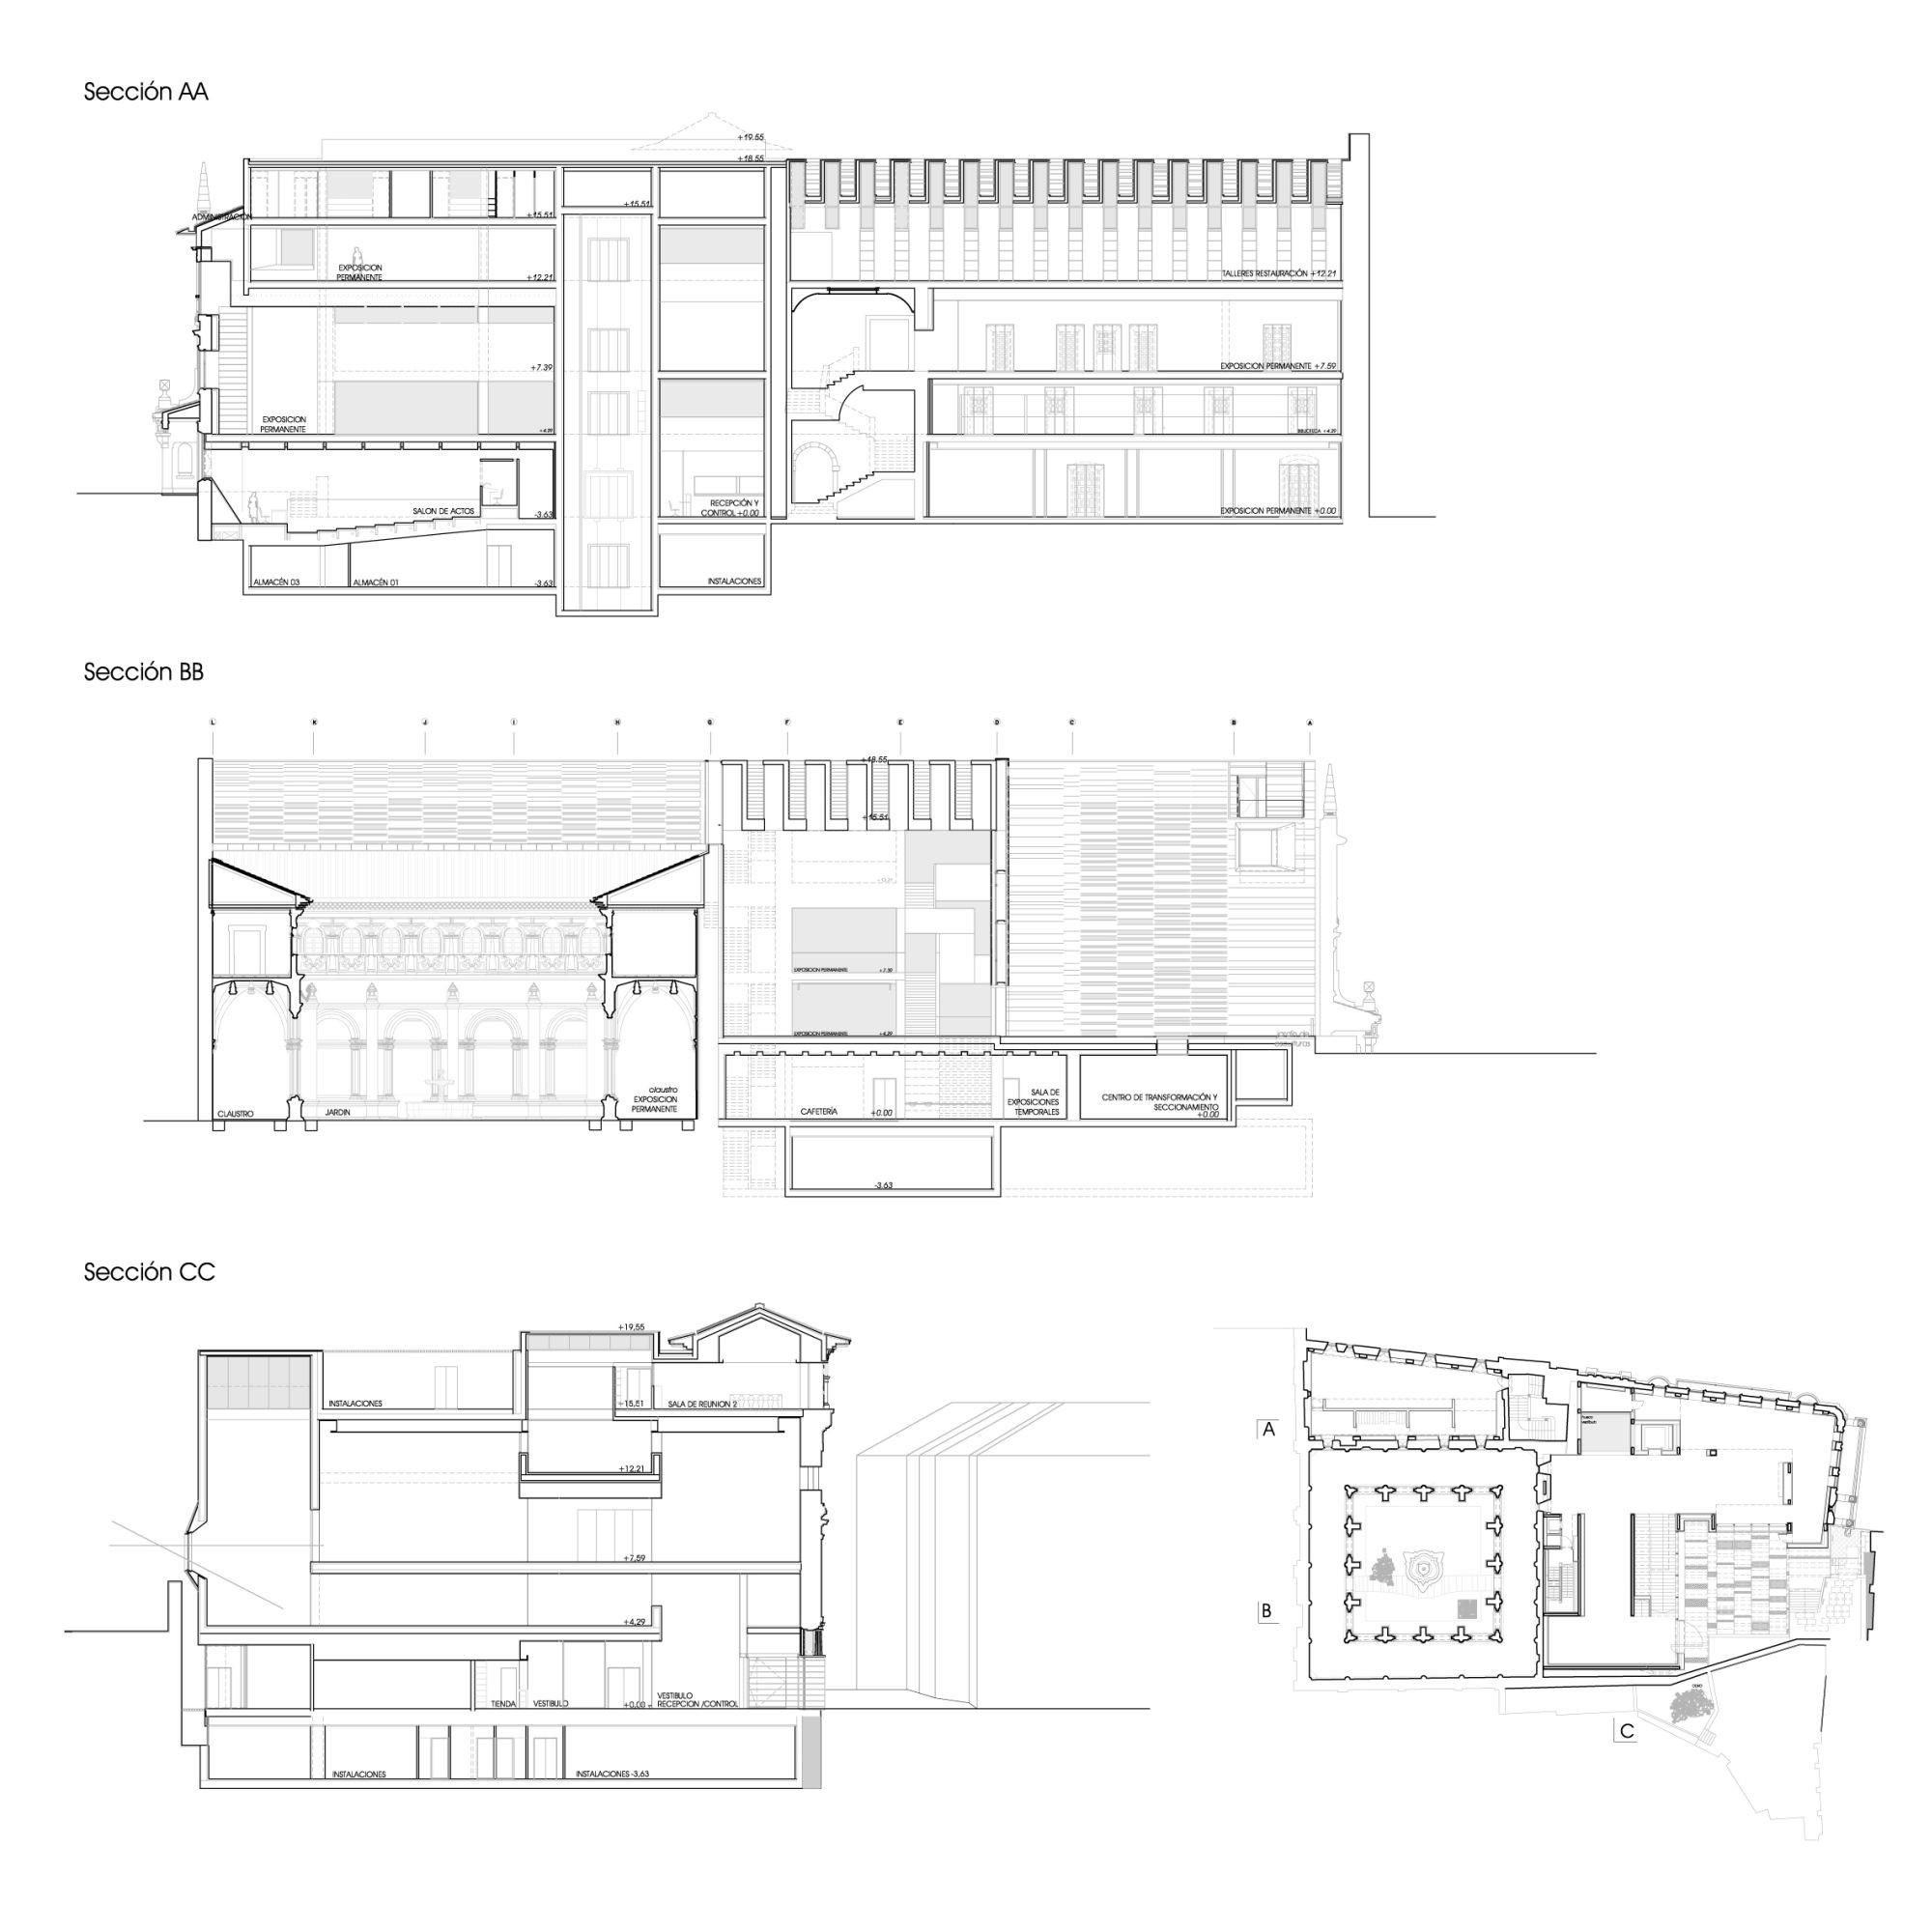 Galer a de museo arqueologico de oviedo pardo tapia - Arquitectos oviedo ...